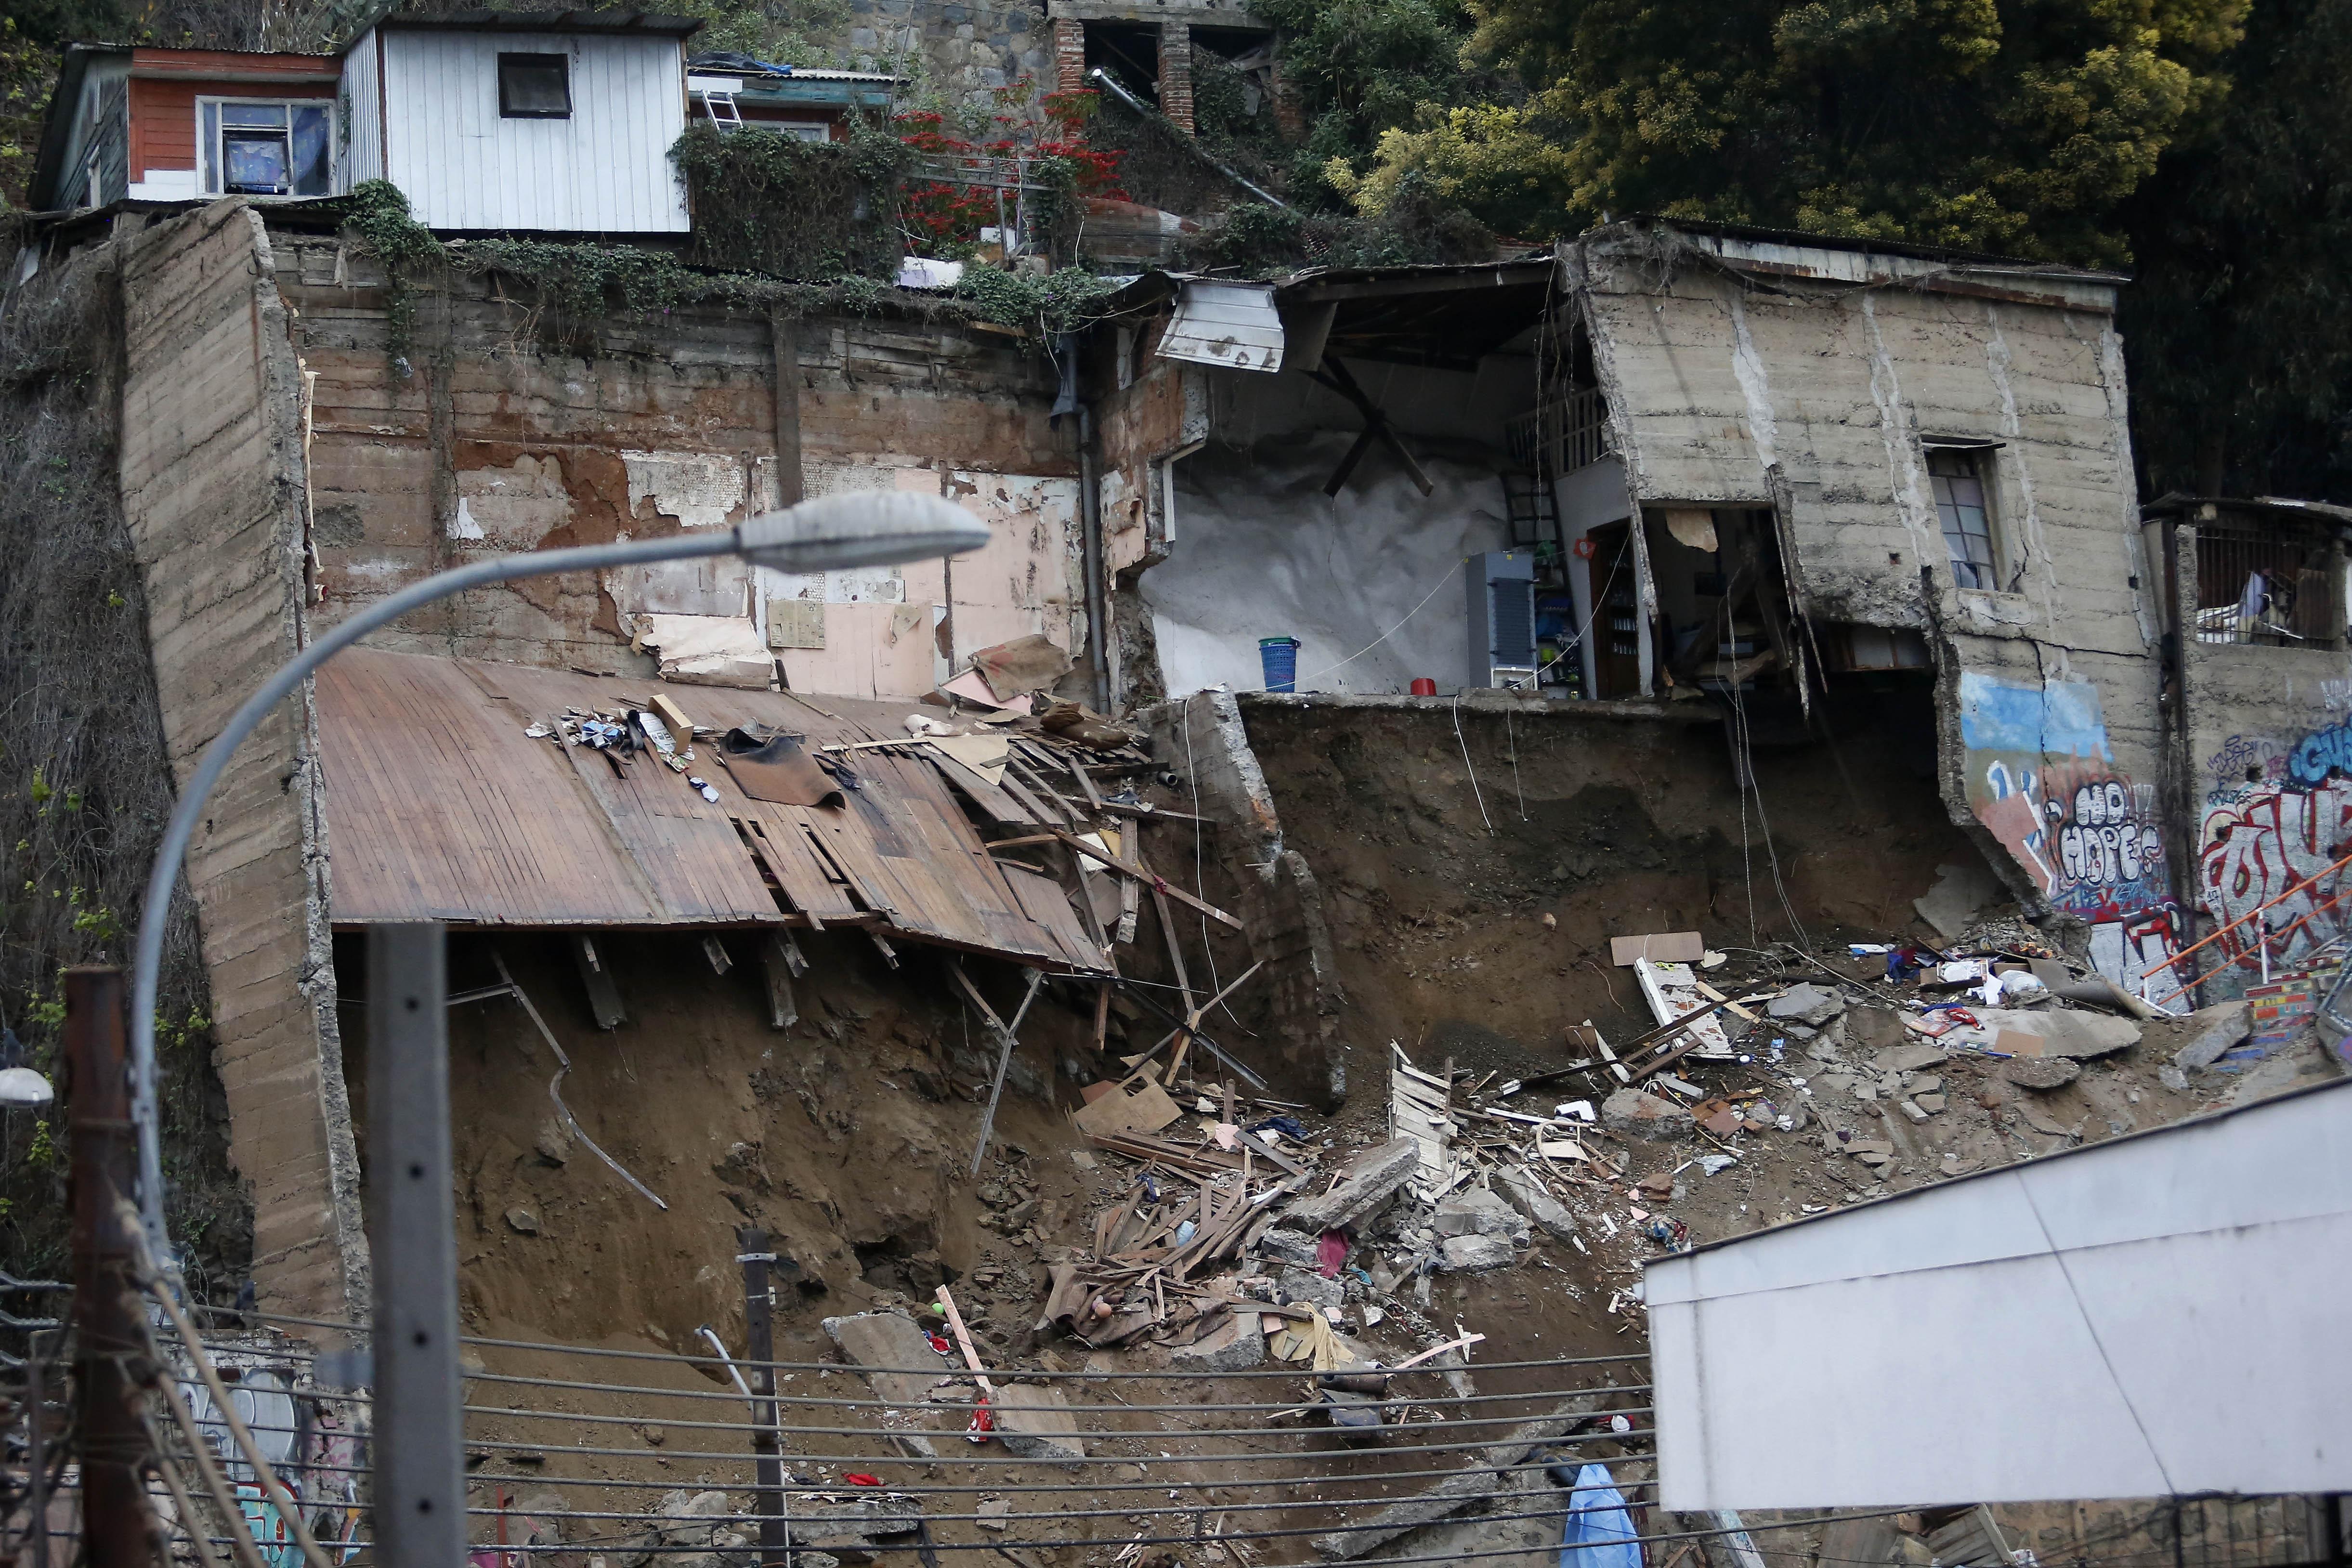 Aumentan a seis las víctimas fatales por derrumbe de vivienda en Valparaíso